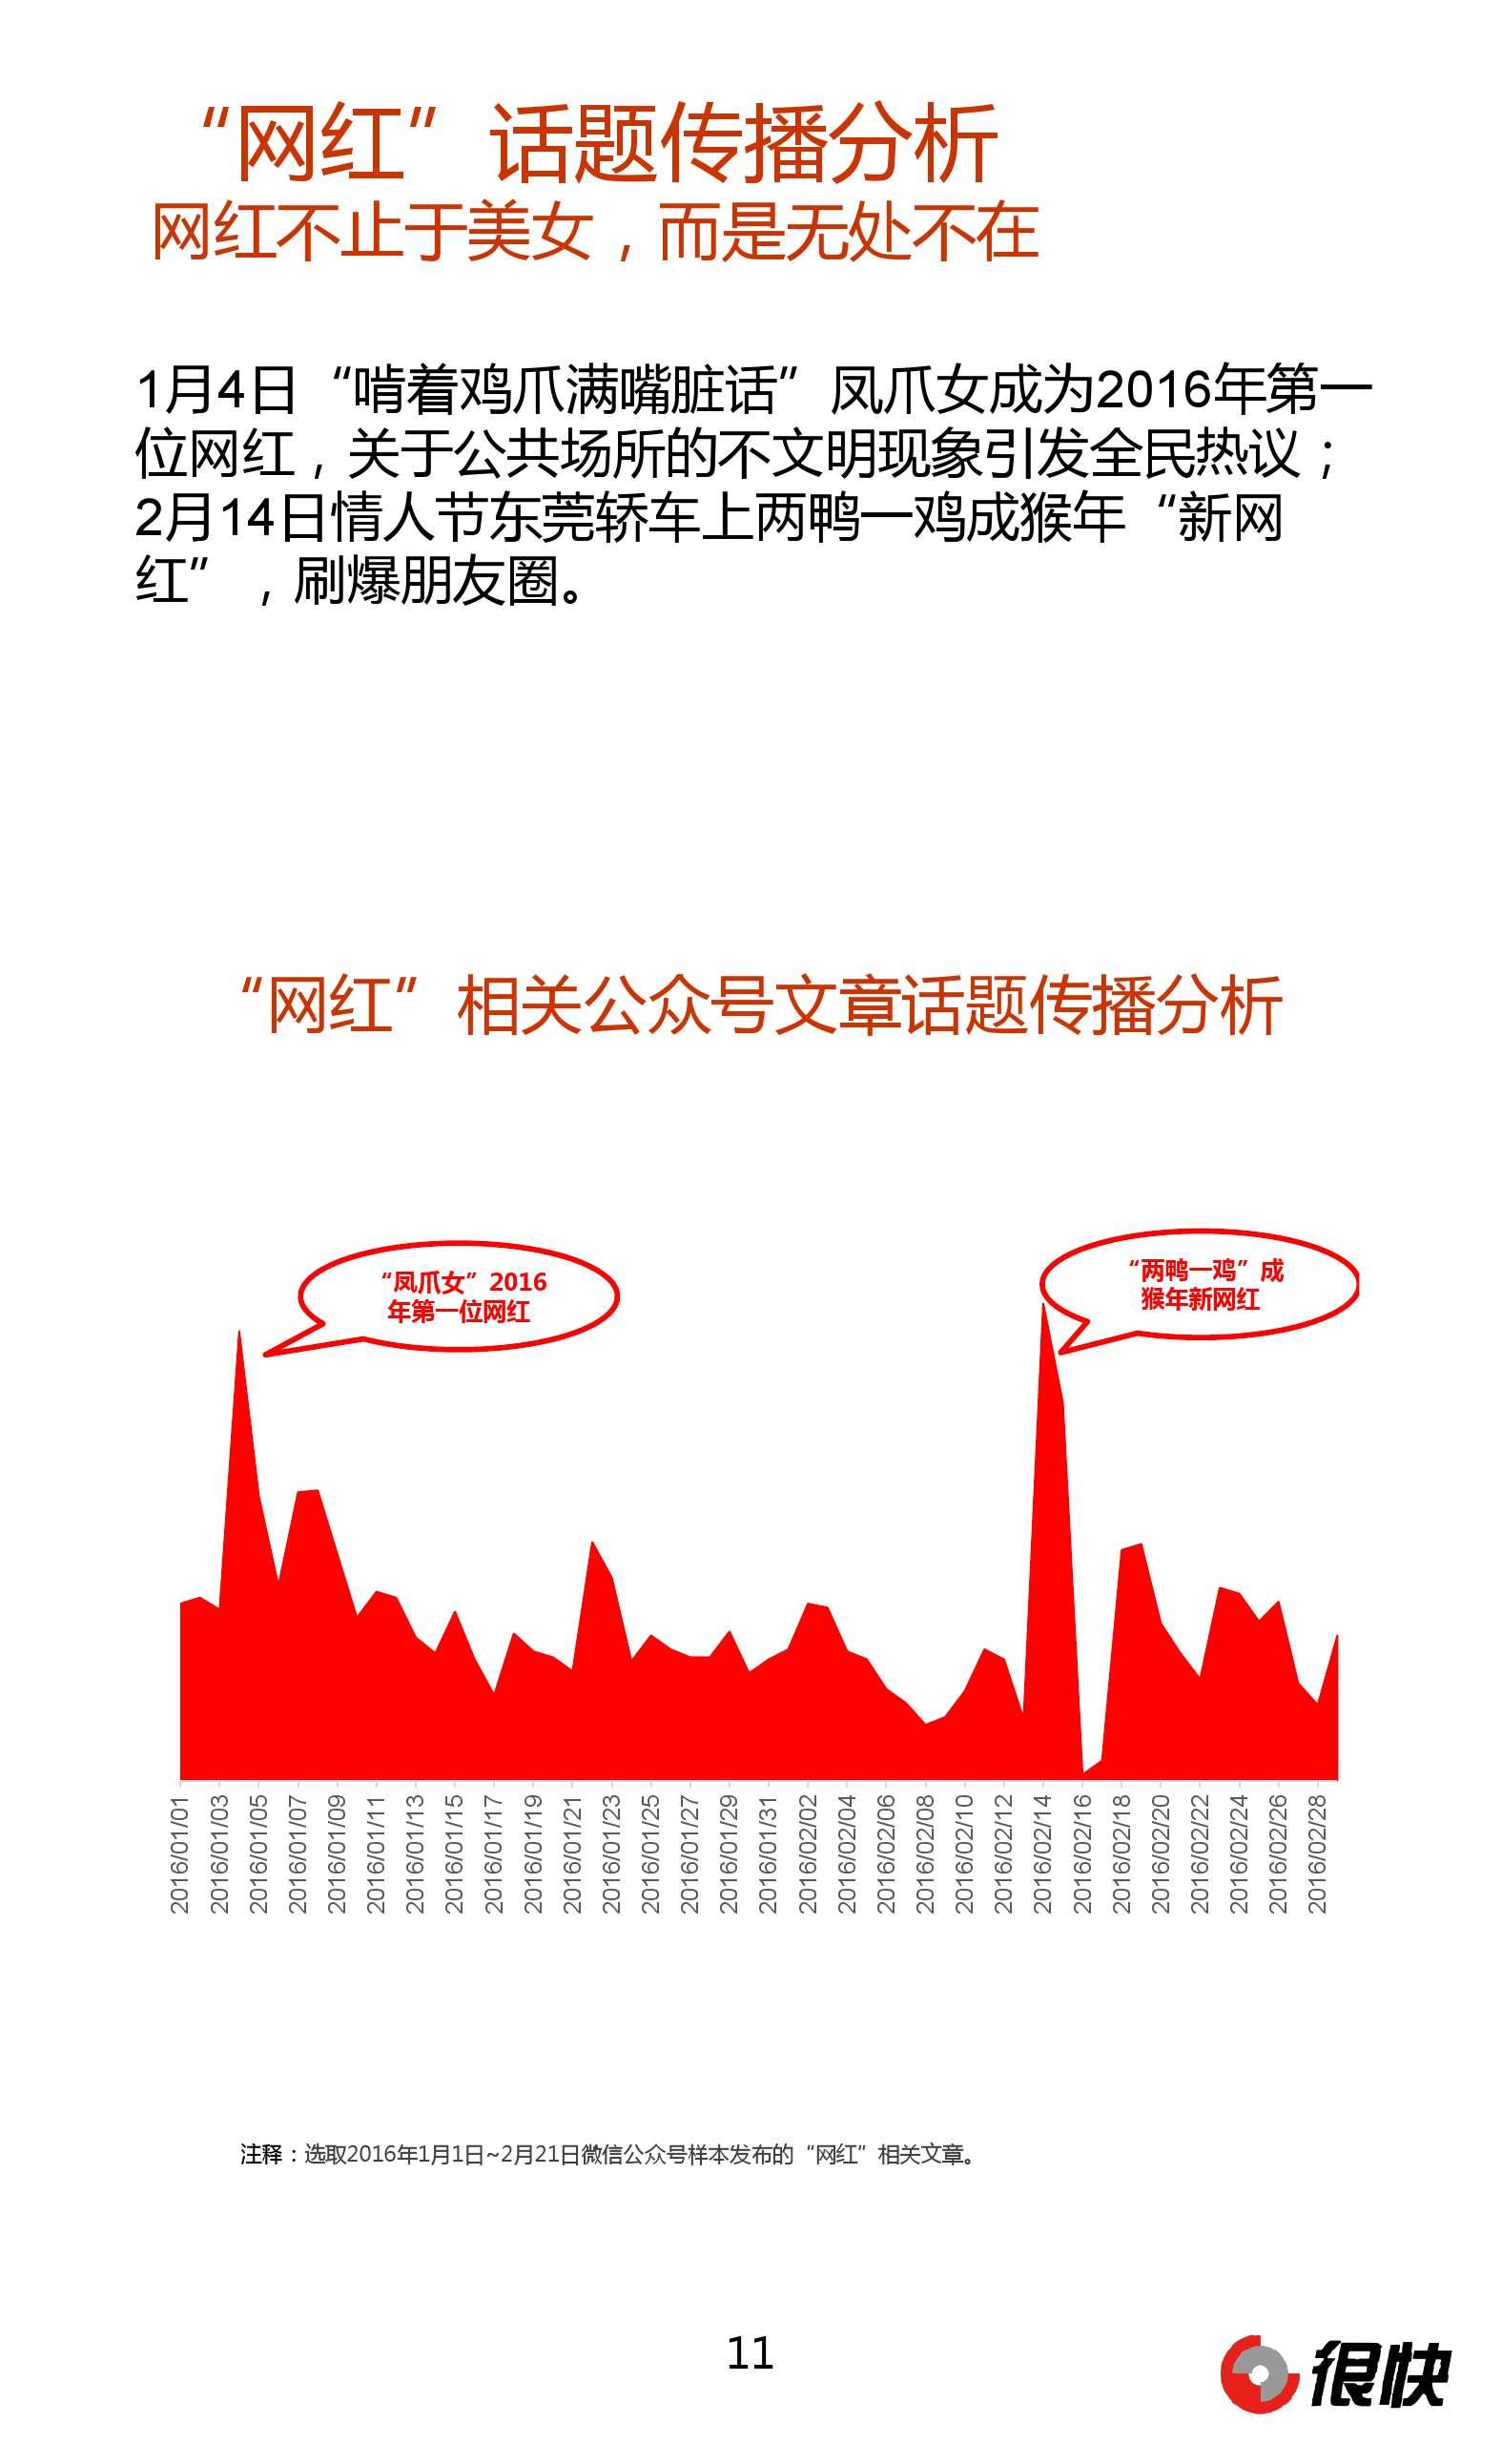 Henkuai-中国行业时尚微信公众号数据洞察报告_000011